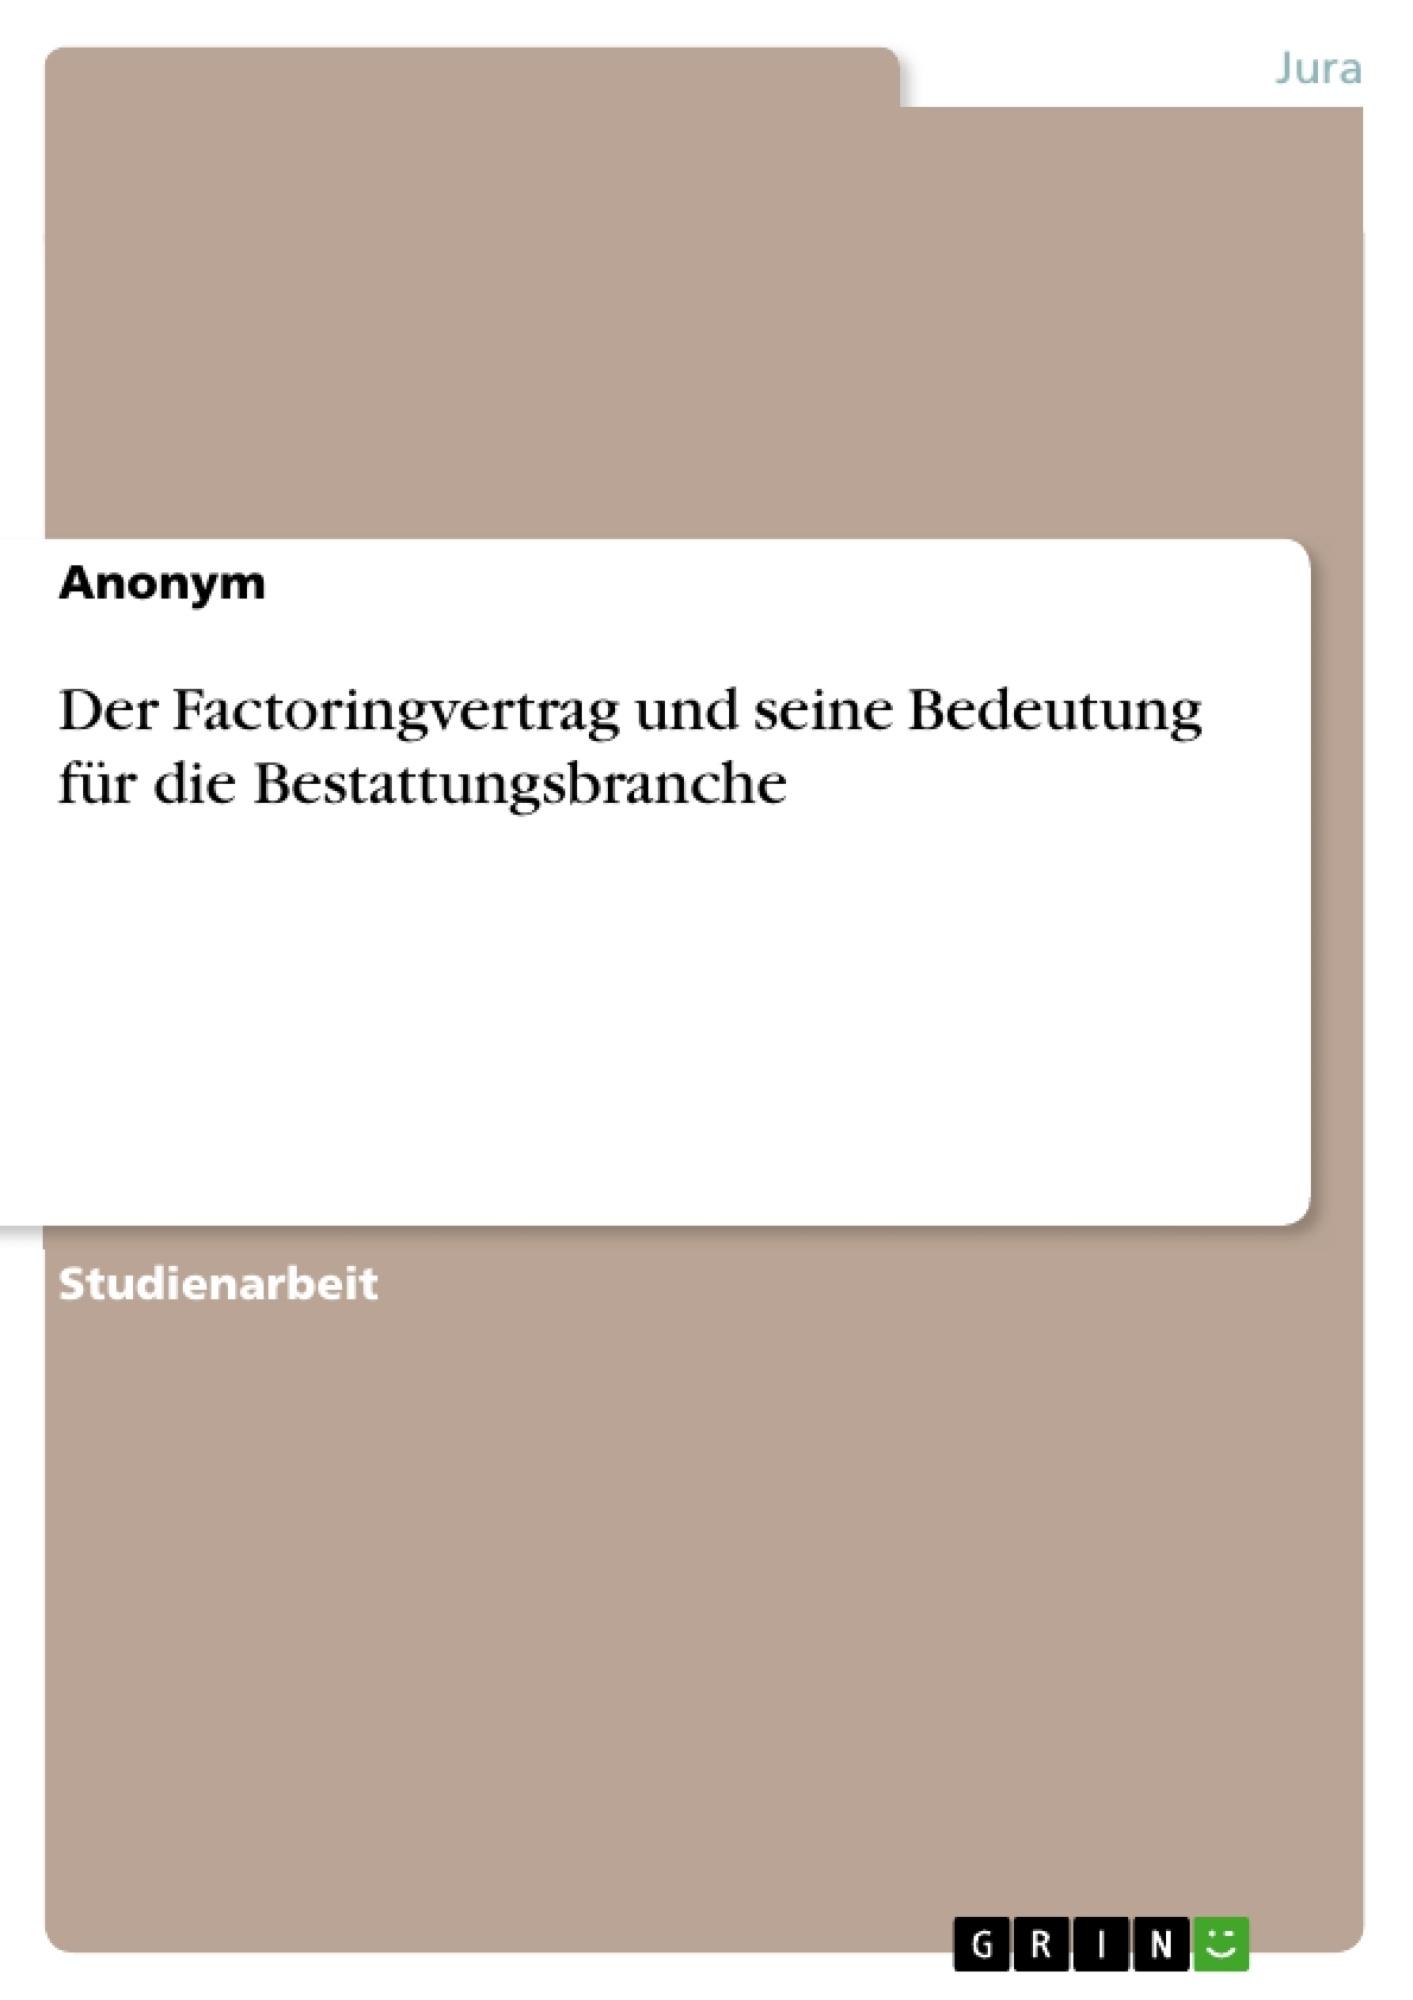 Titel: Der Factoringvertrag und seine Bedeutung für die Bestattungsbranche